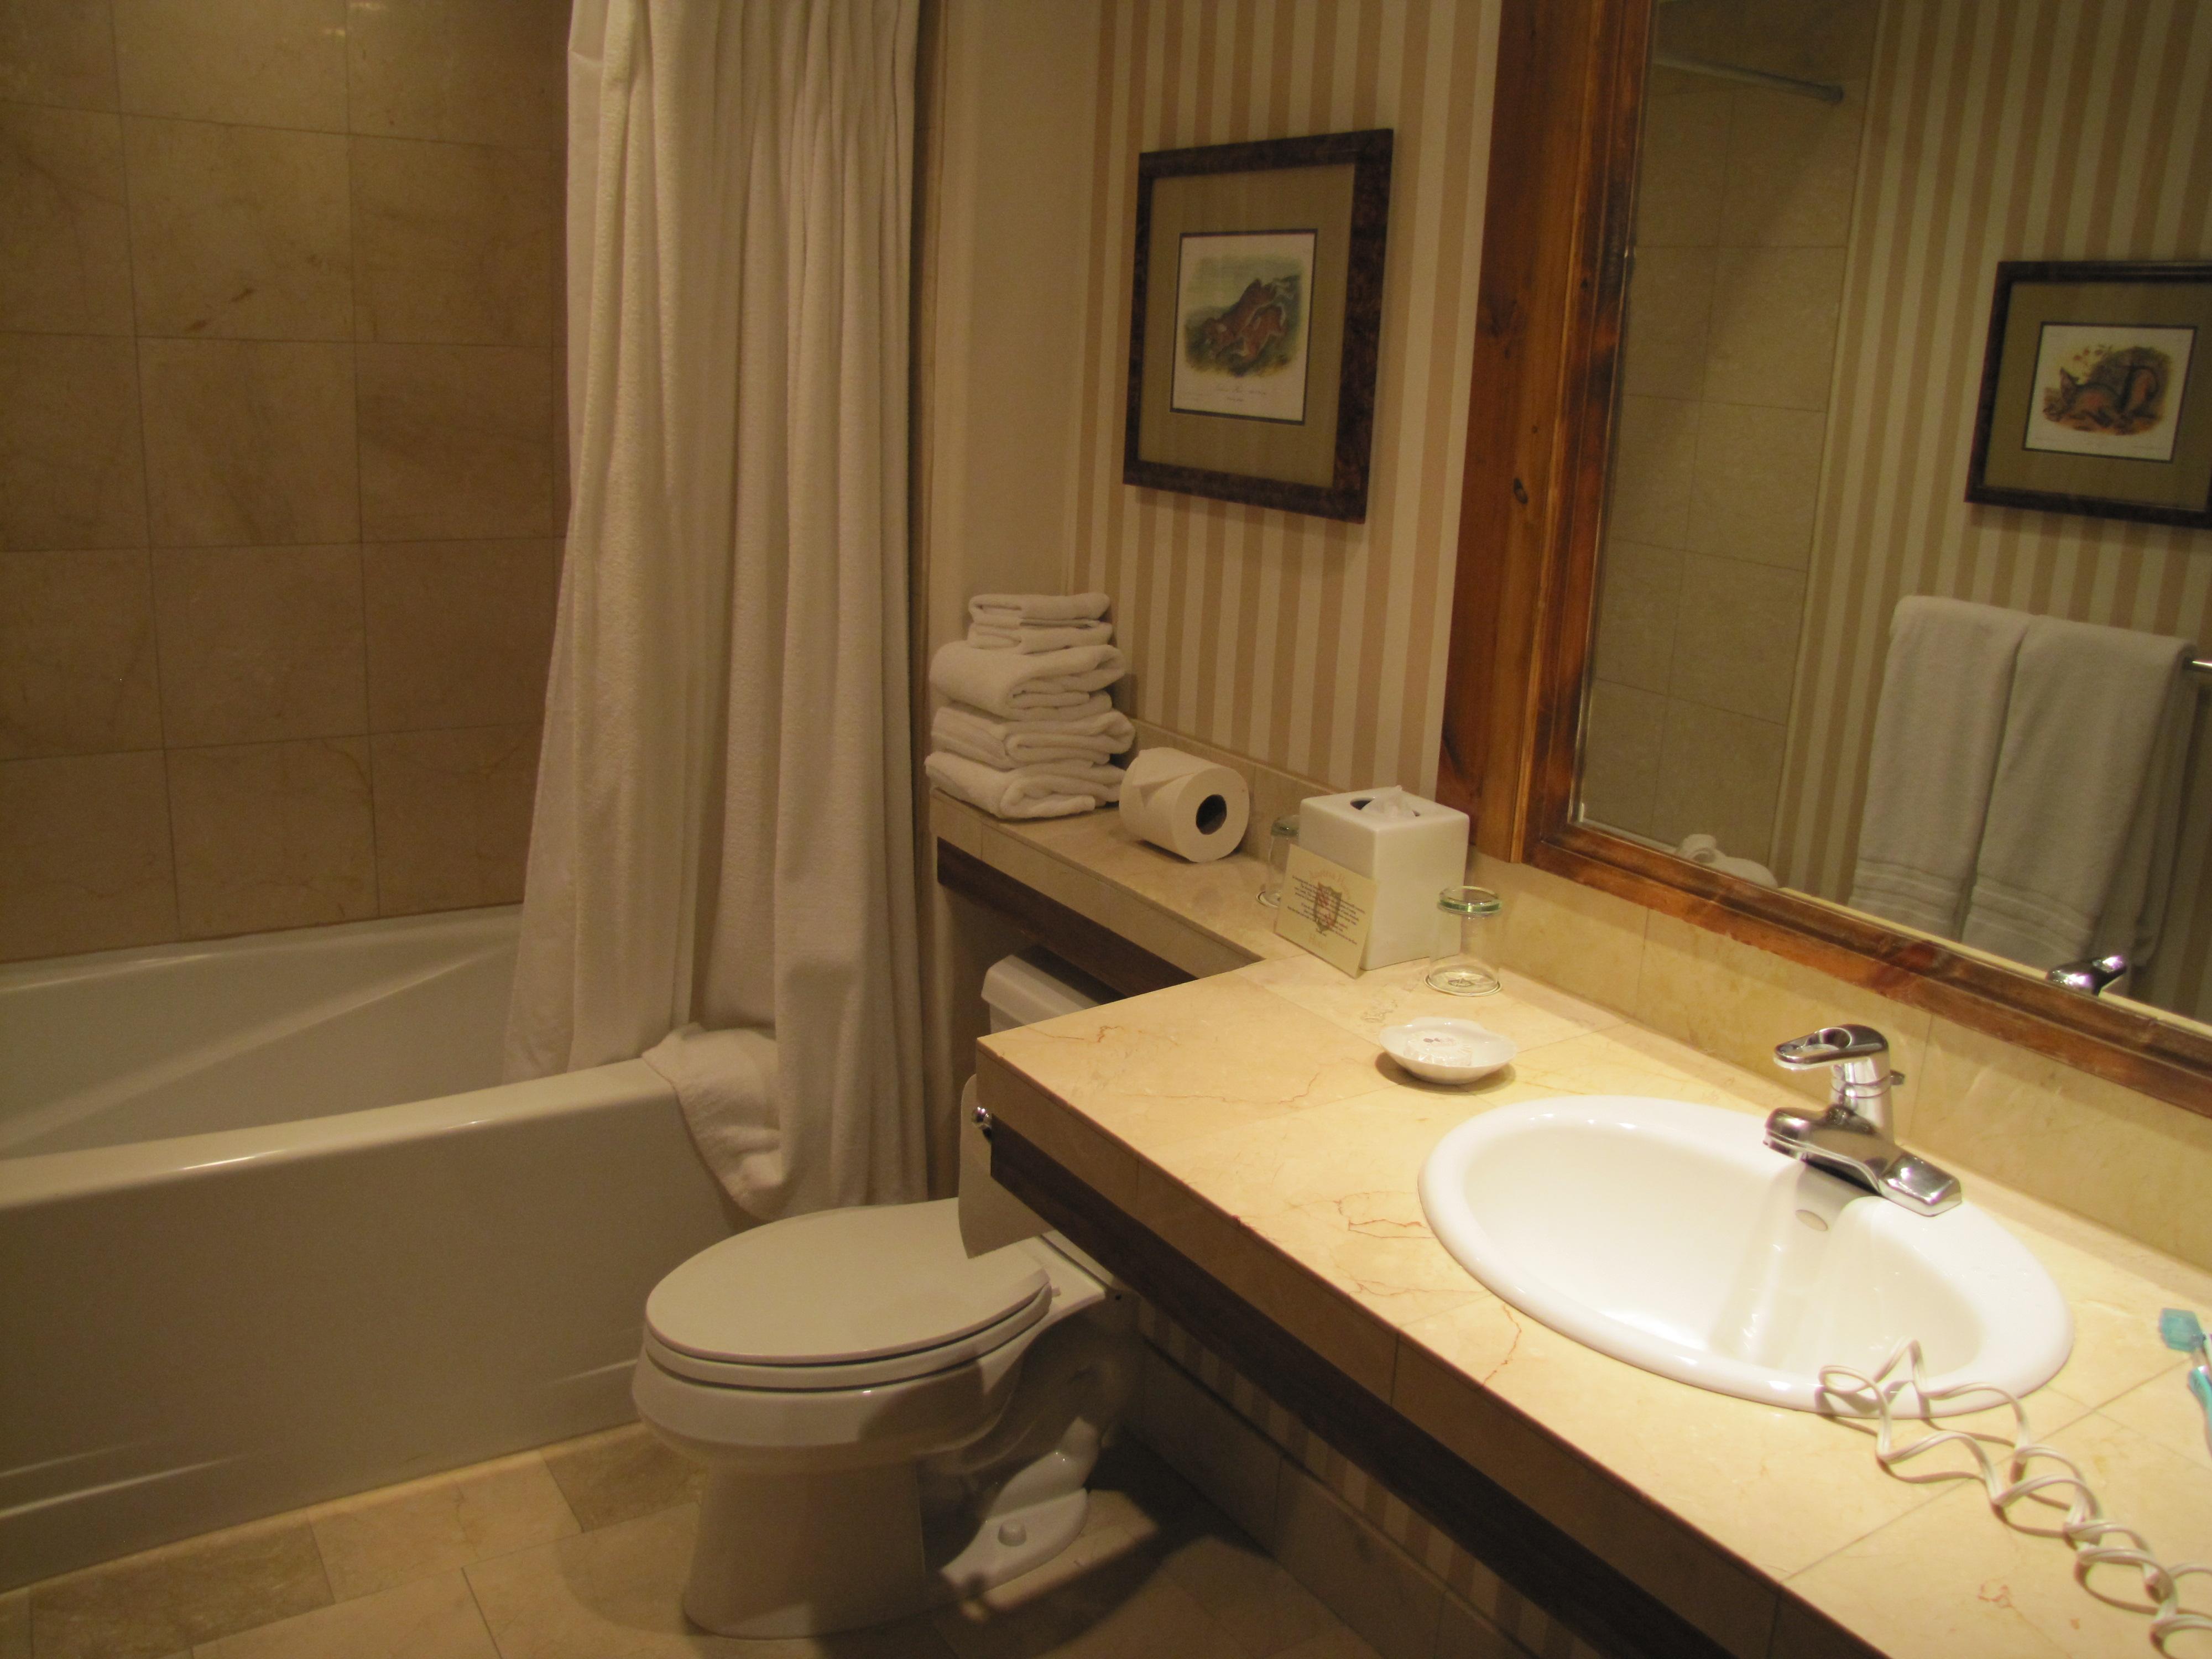 para completar o conforto uma salinha com duas poltronas TV de LCD  #A1792A 4000x3000 Banheiro Branco Bege